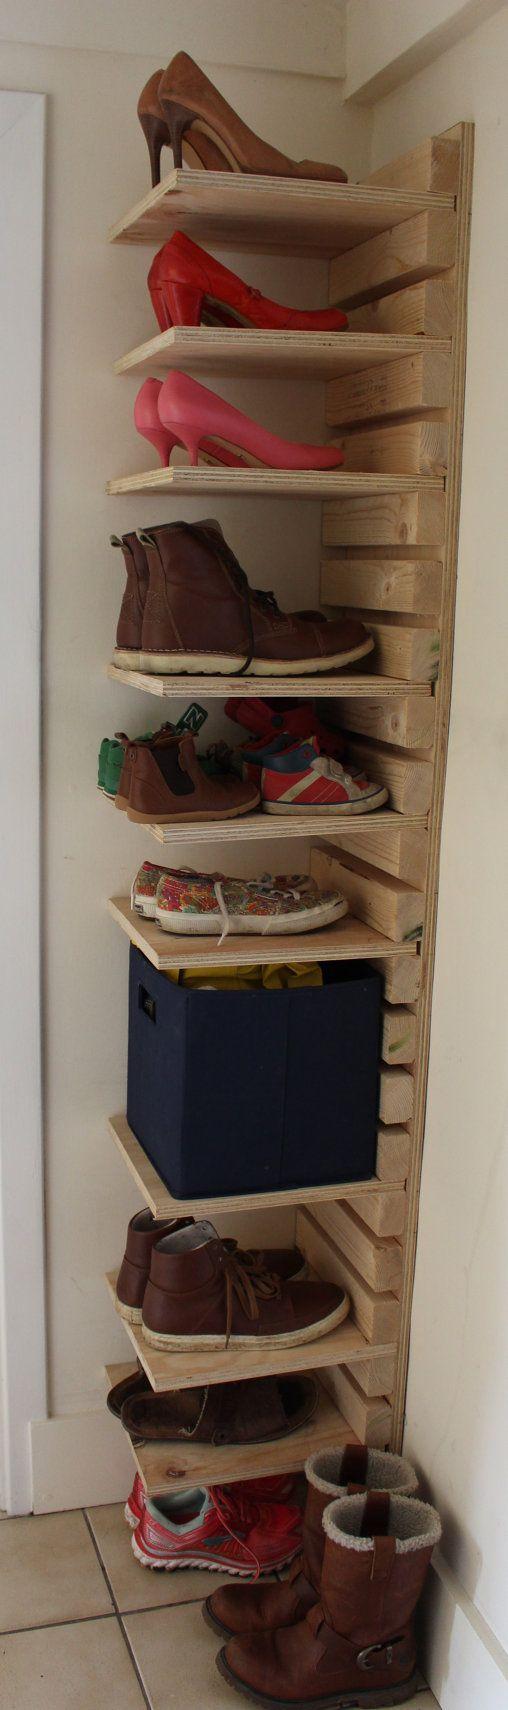 Schuhregal Individuell Einstellbar Zum Selber Bauen.